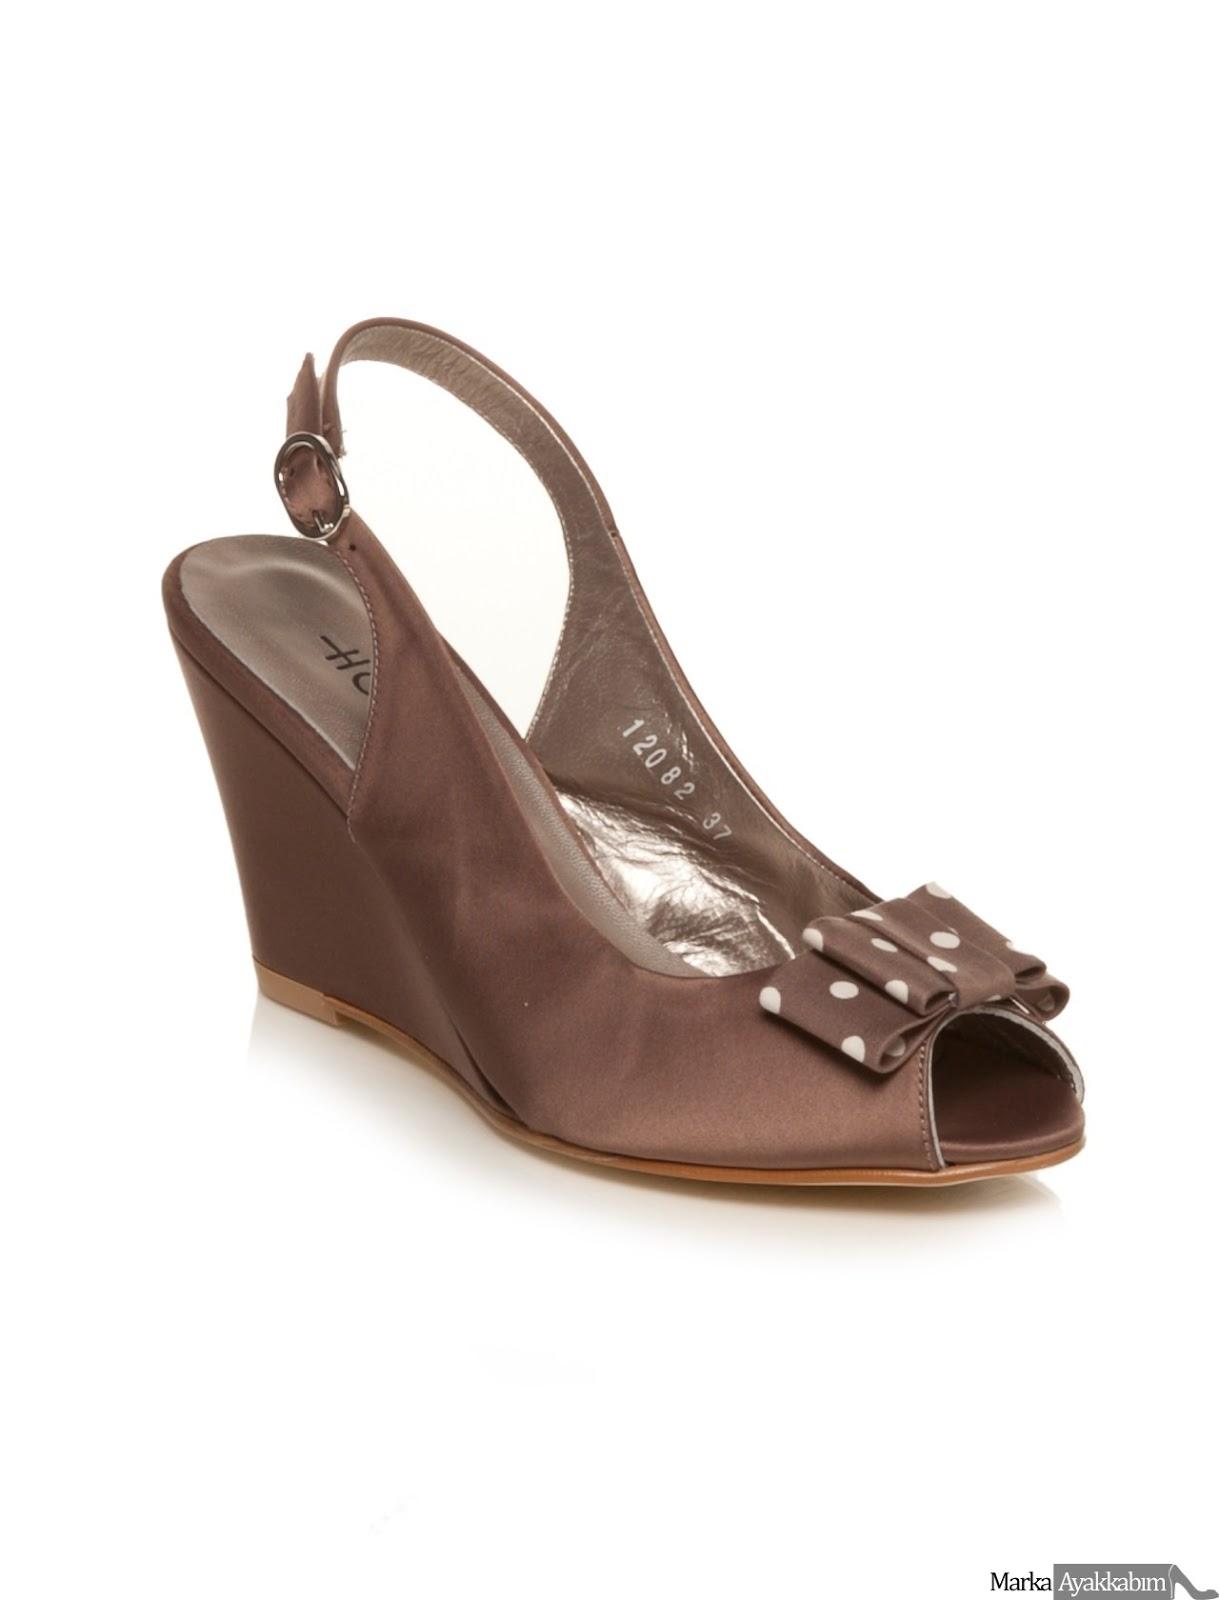 Hotiç dolgu topuk ayakkabı